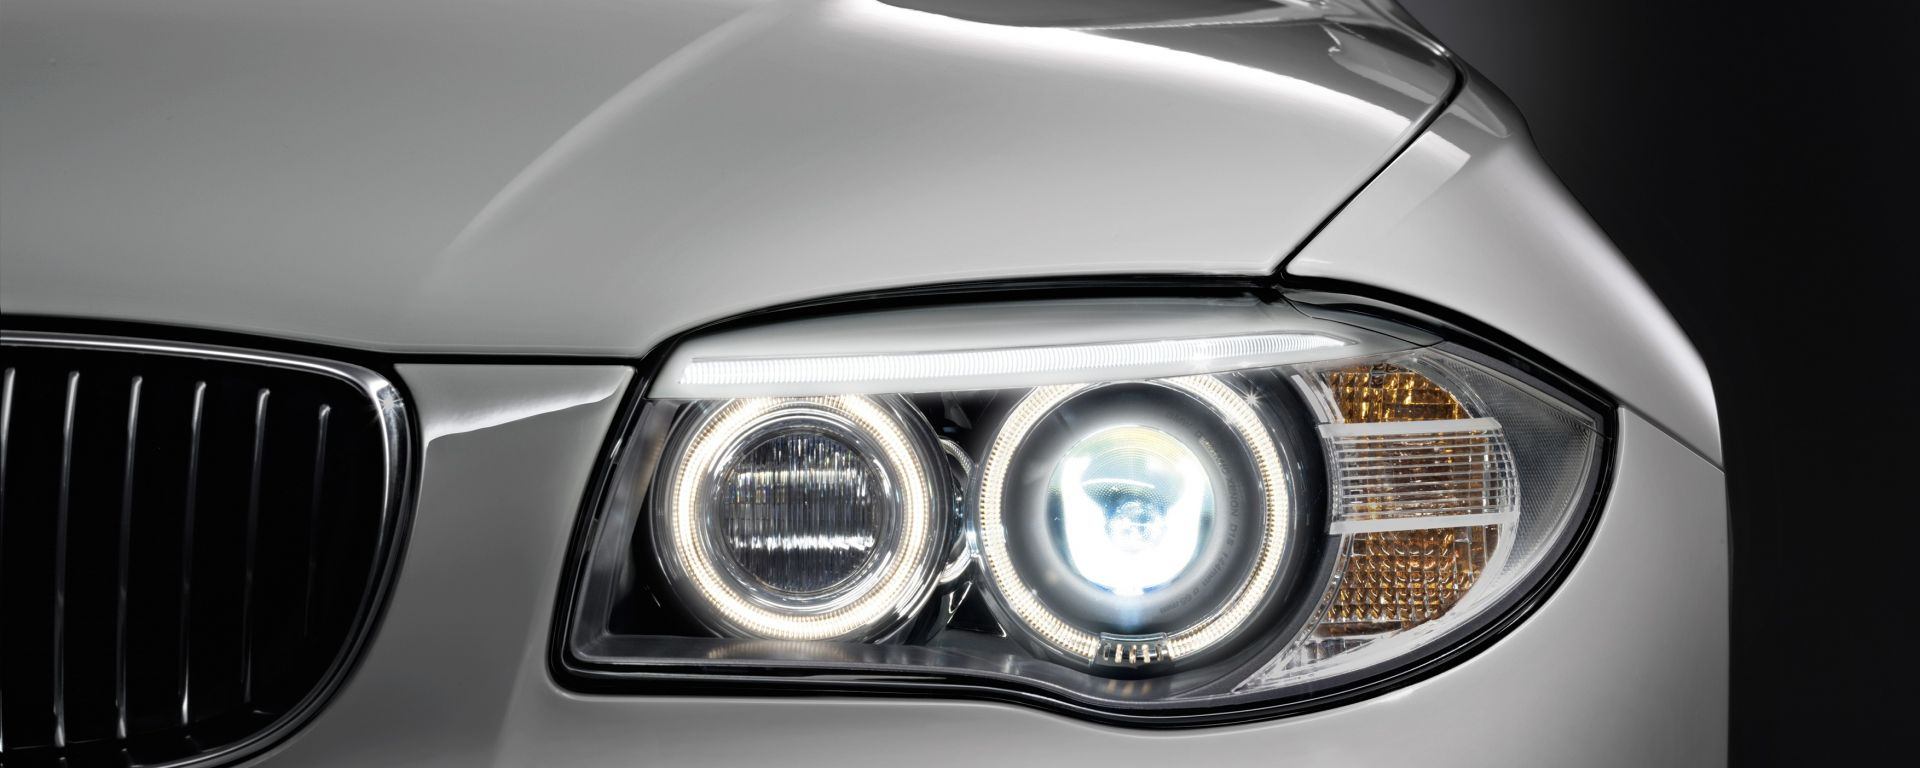 BMW Serie 1 Coupé e Cabrio 2011